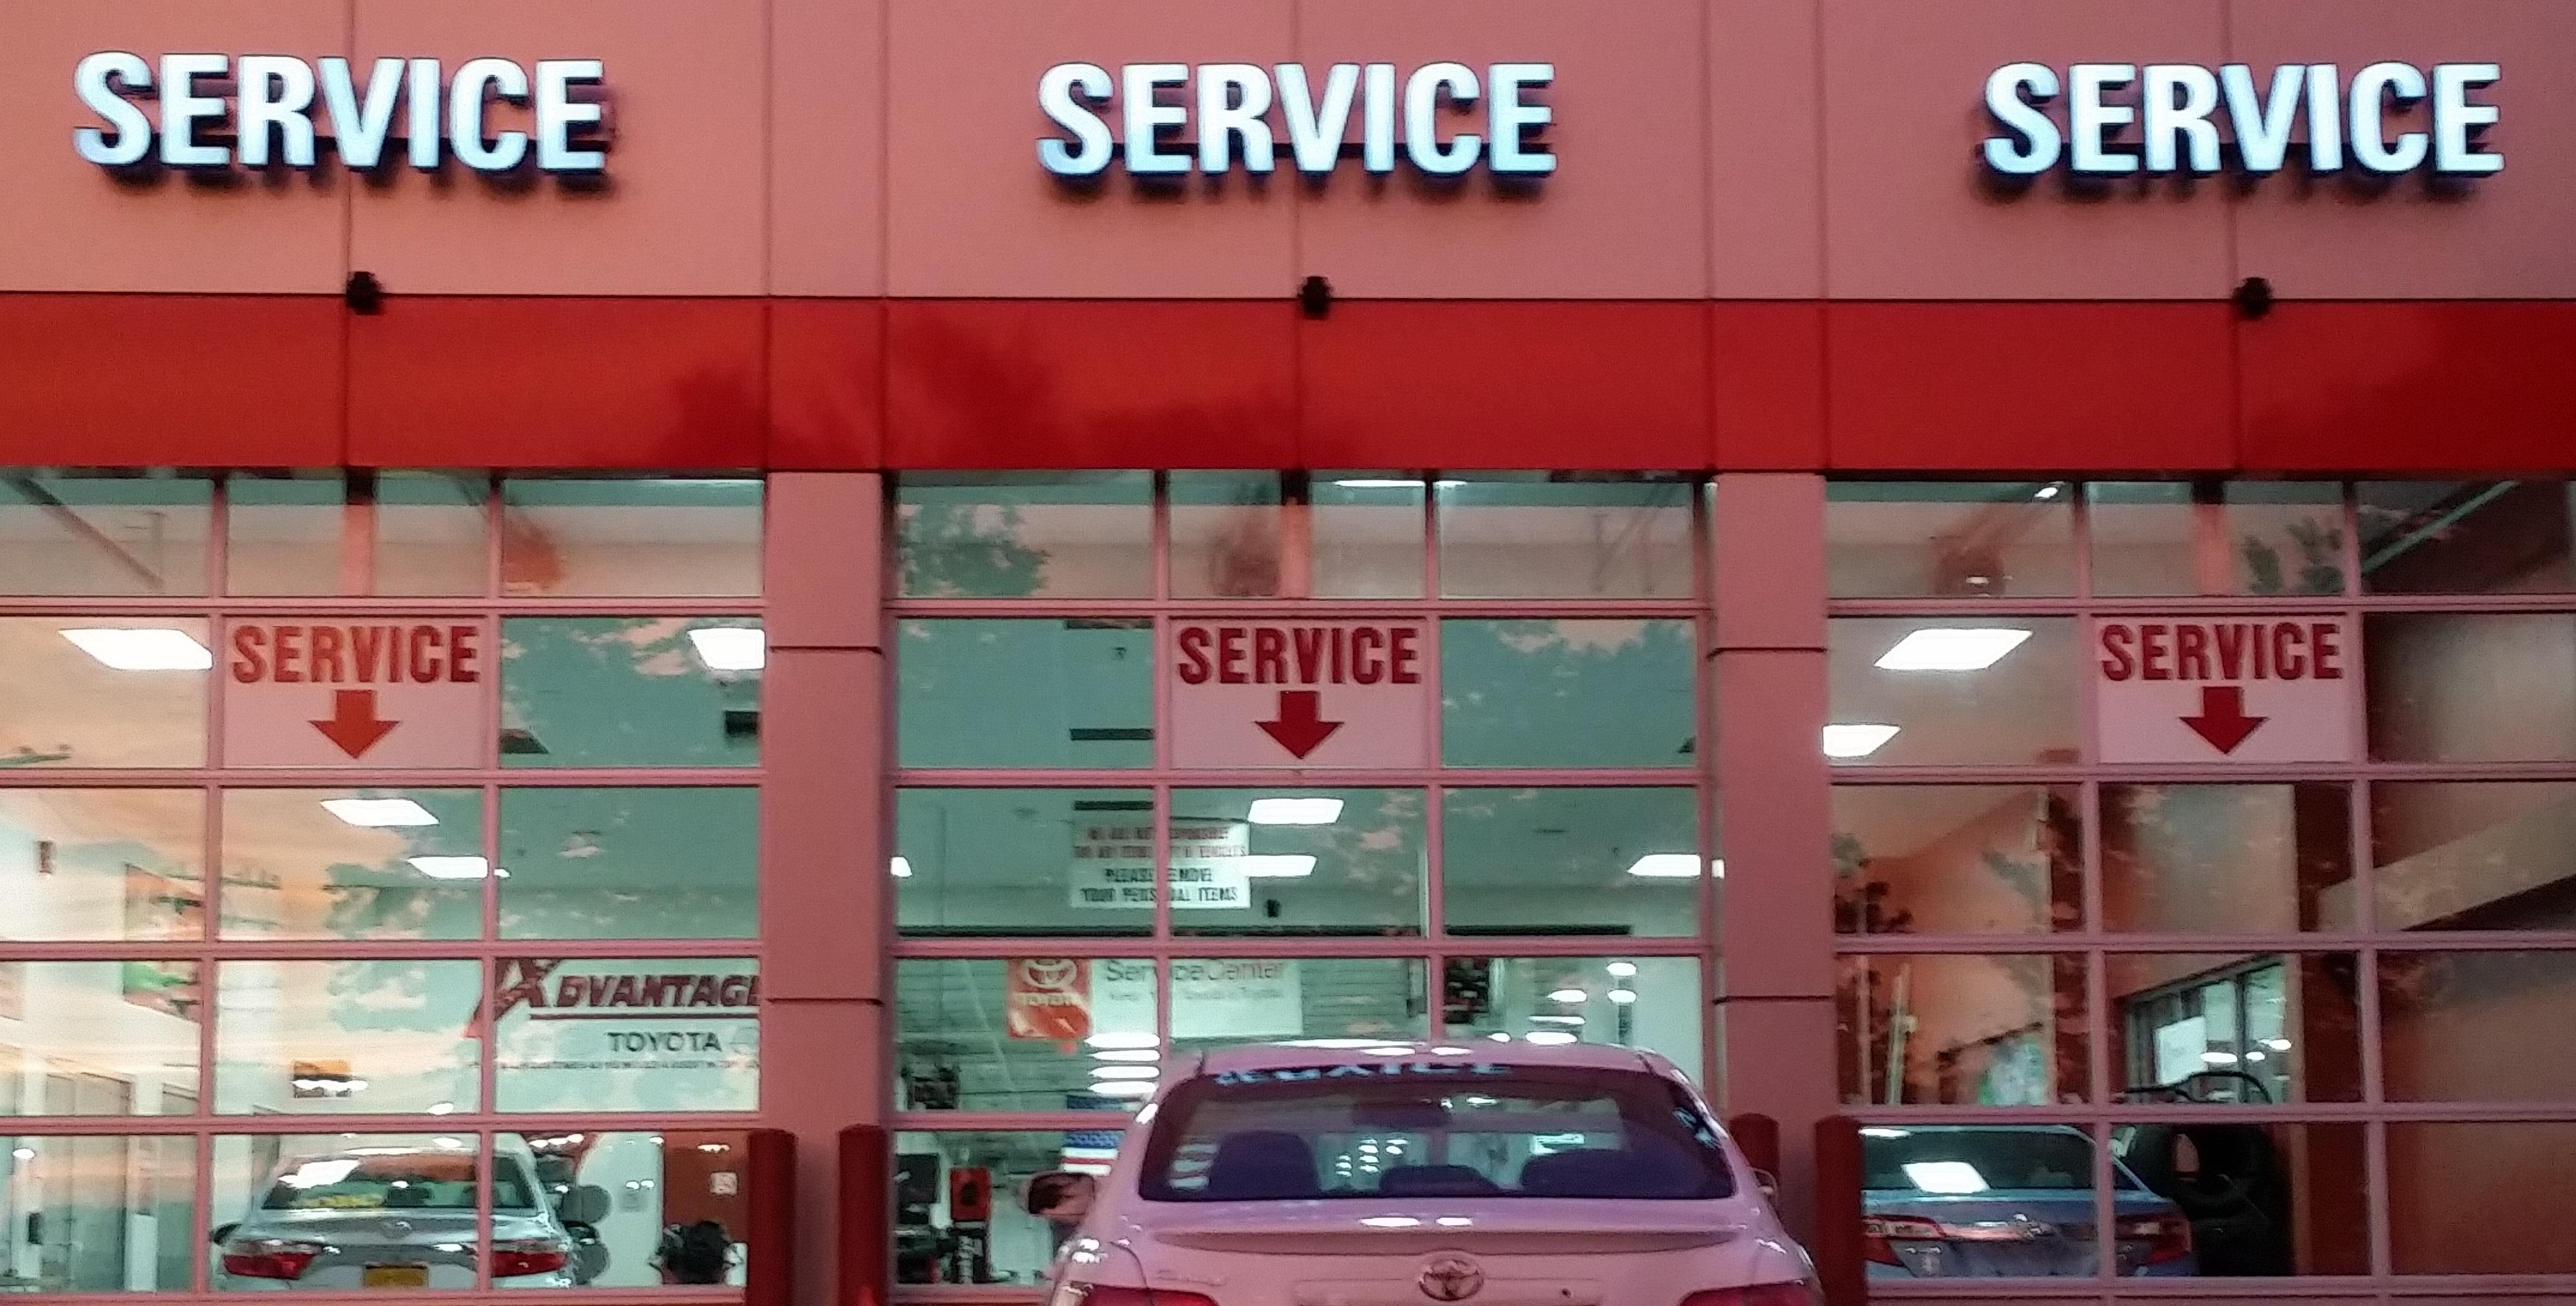 Good Advantage Toyota Valley Stream Service Center. Schedule Service